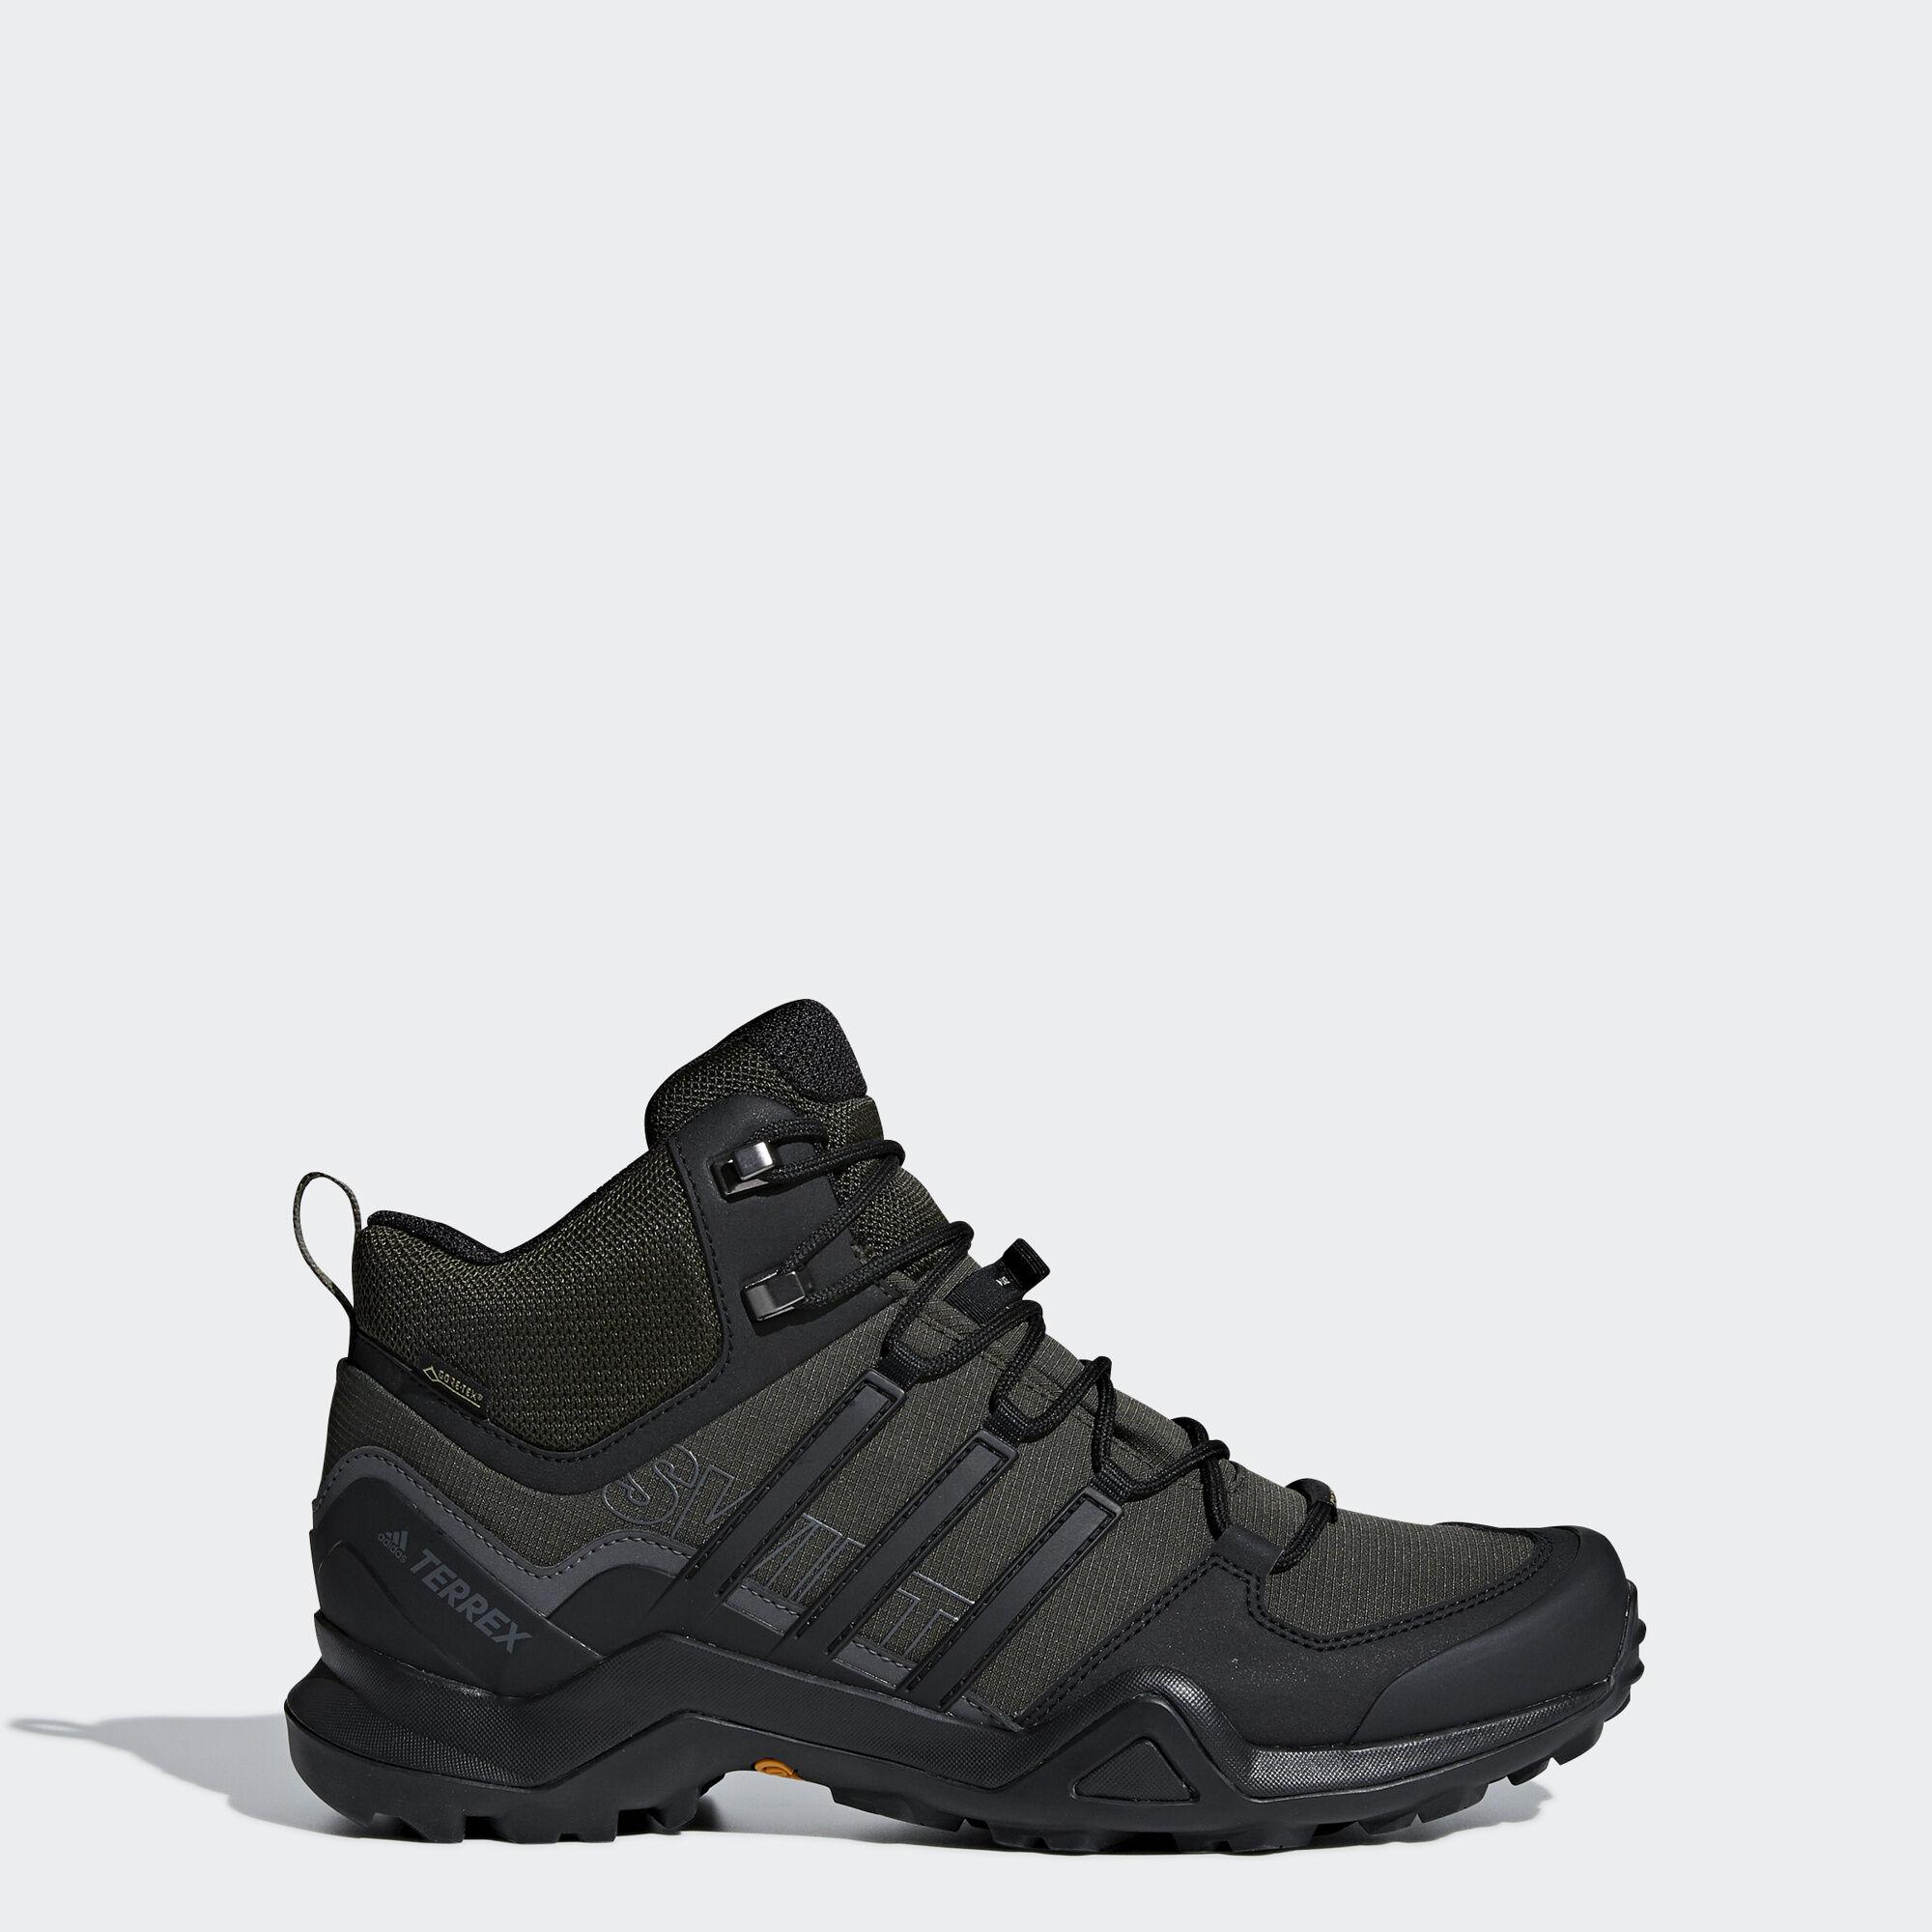 Boots BlackUs Gsg 9 Adidas 2 6bgfy7Y